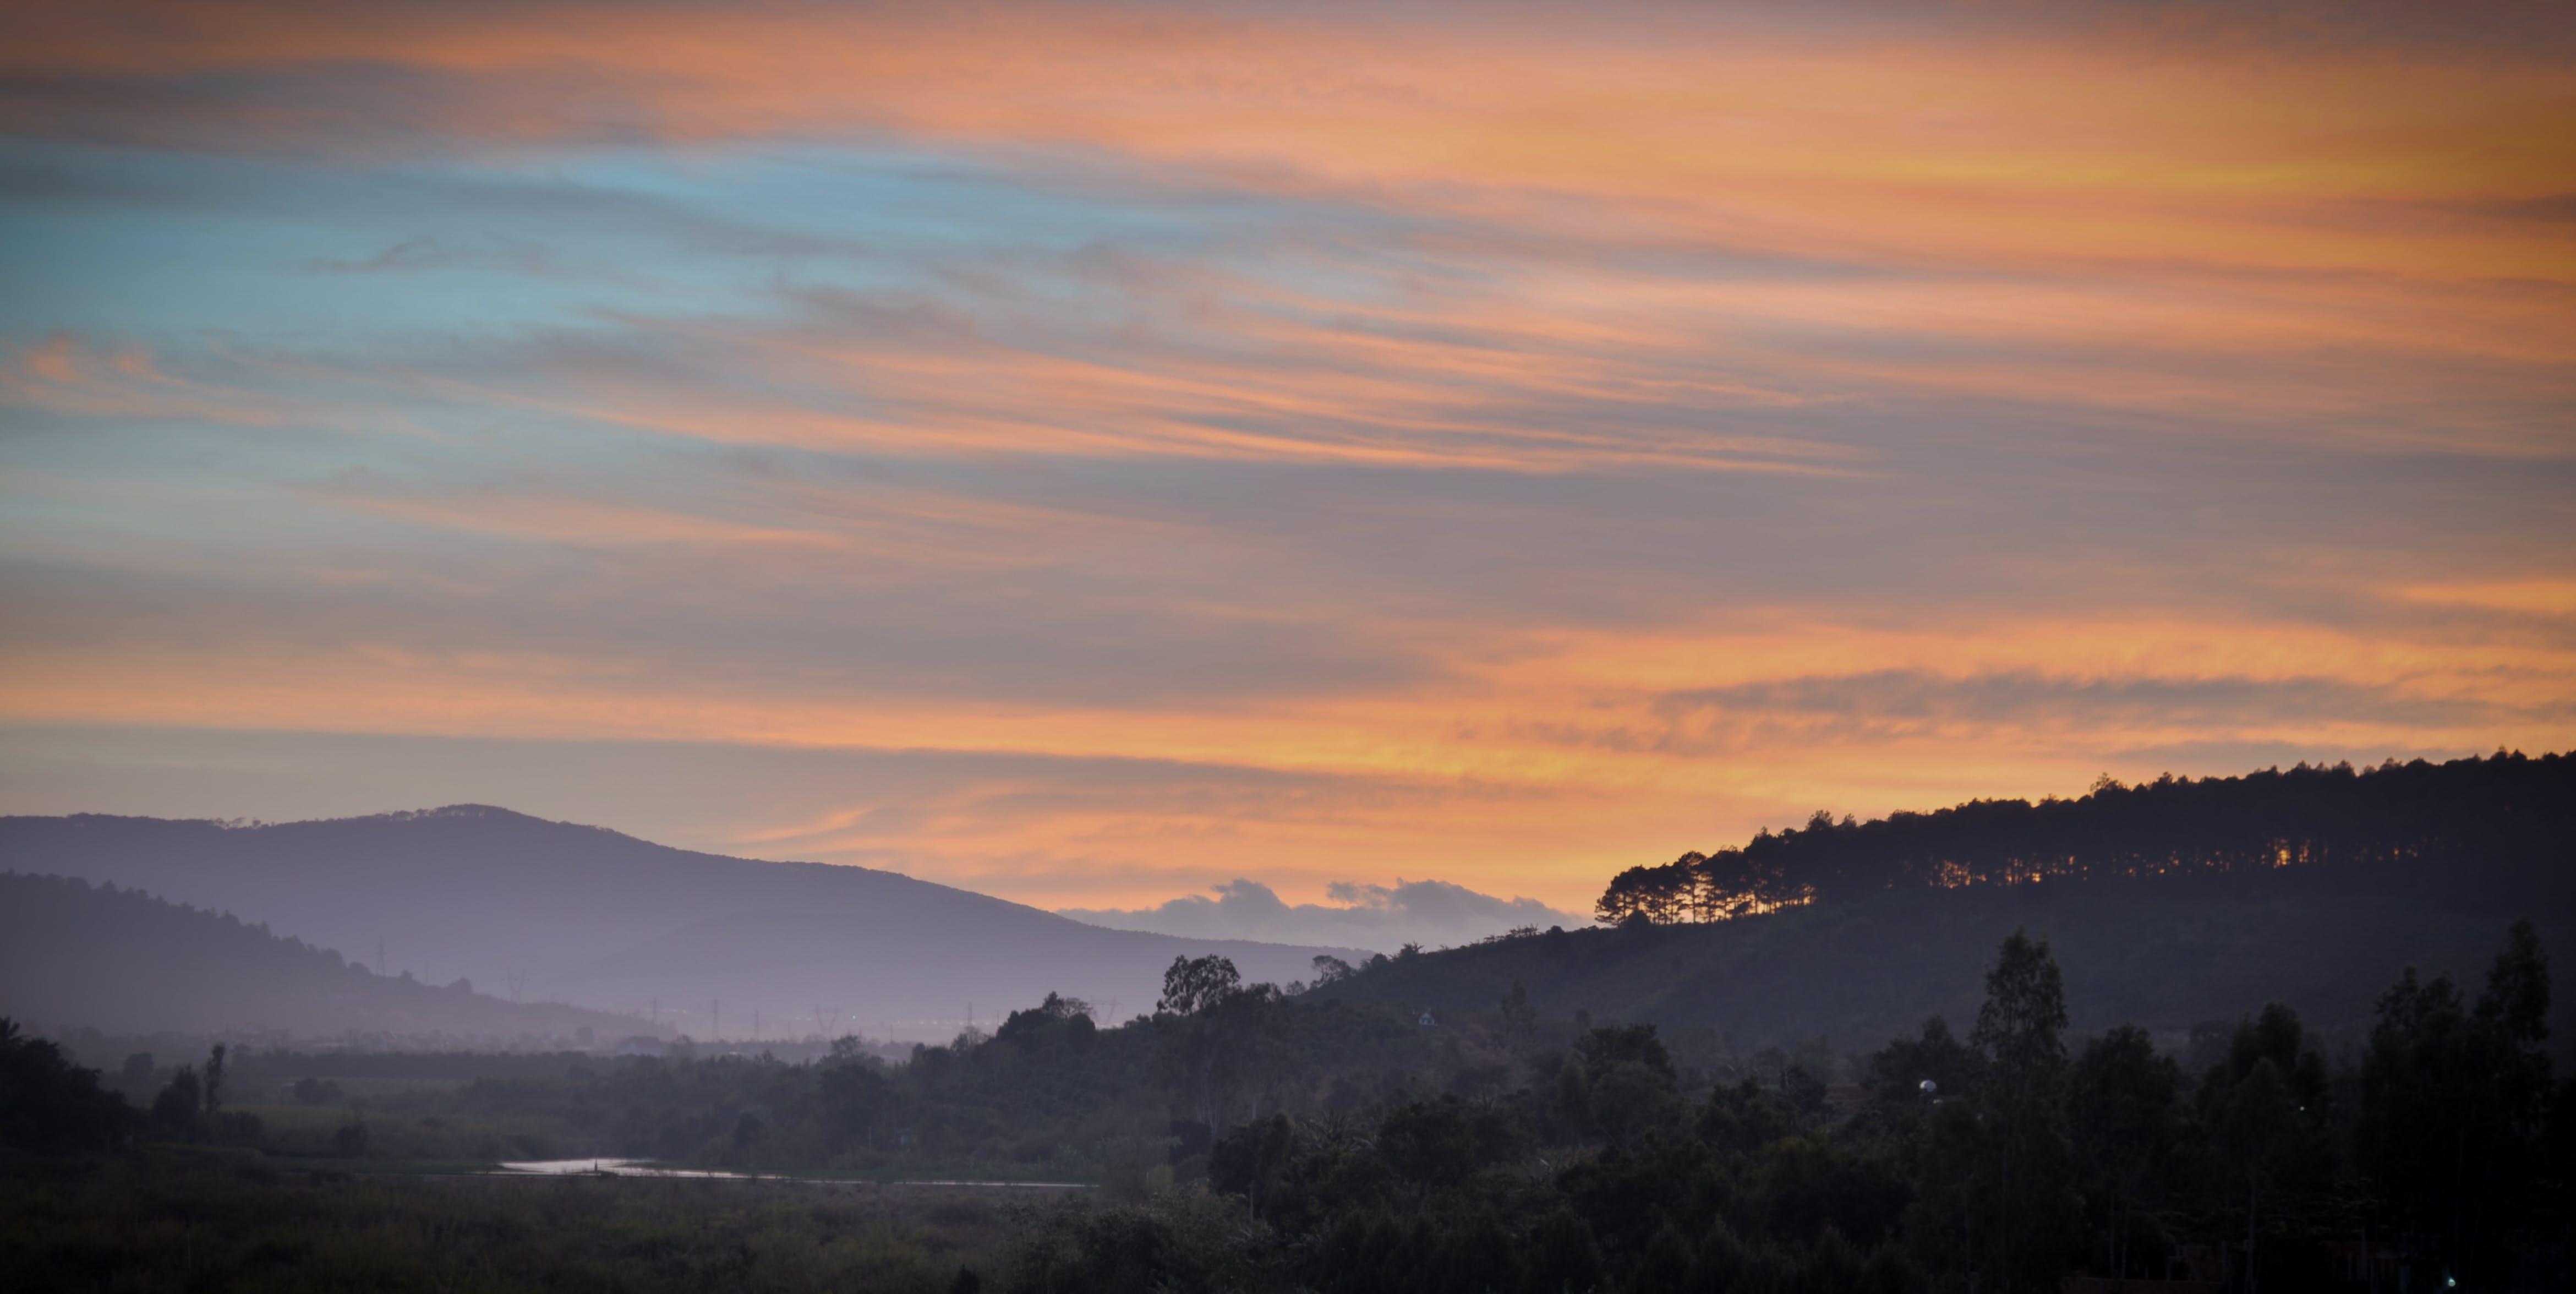 dawn, forest, hill